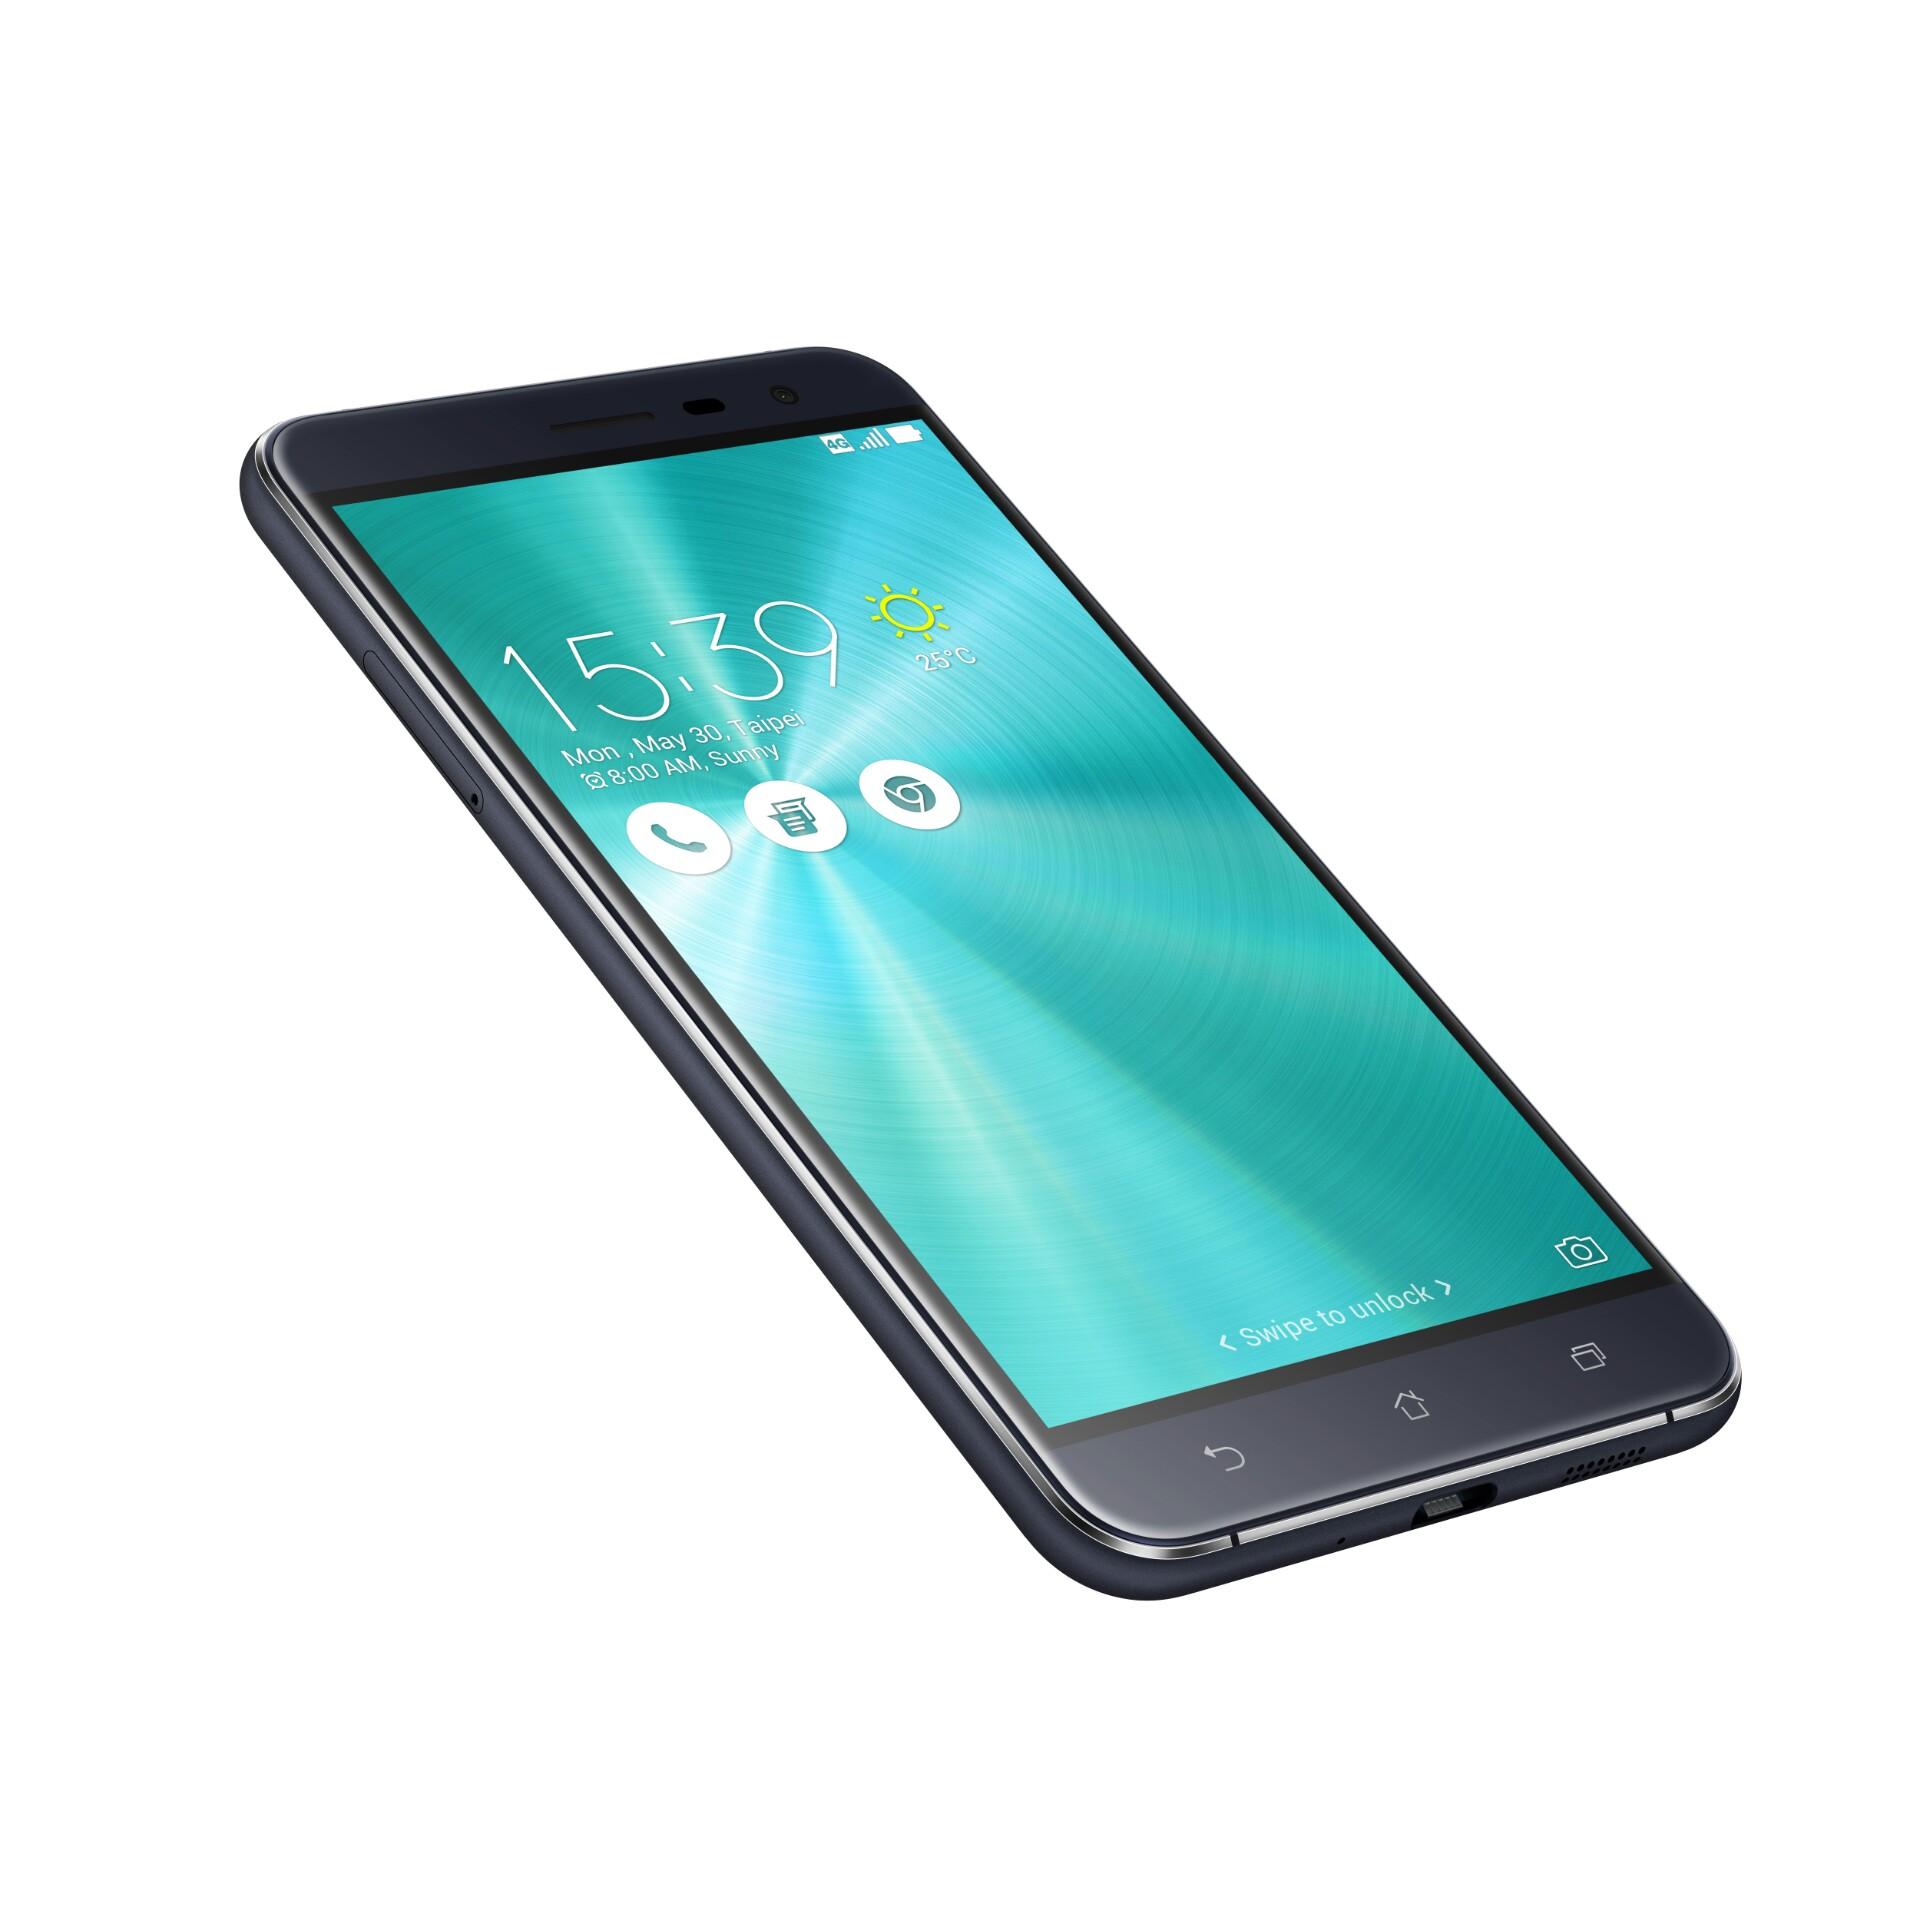 ایسوس با معرفی 3 گوشی، از خانواده ZenFone 3 رونمایی کرد +عکس